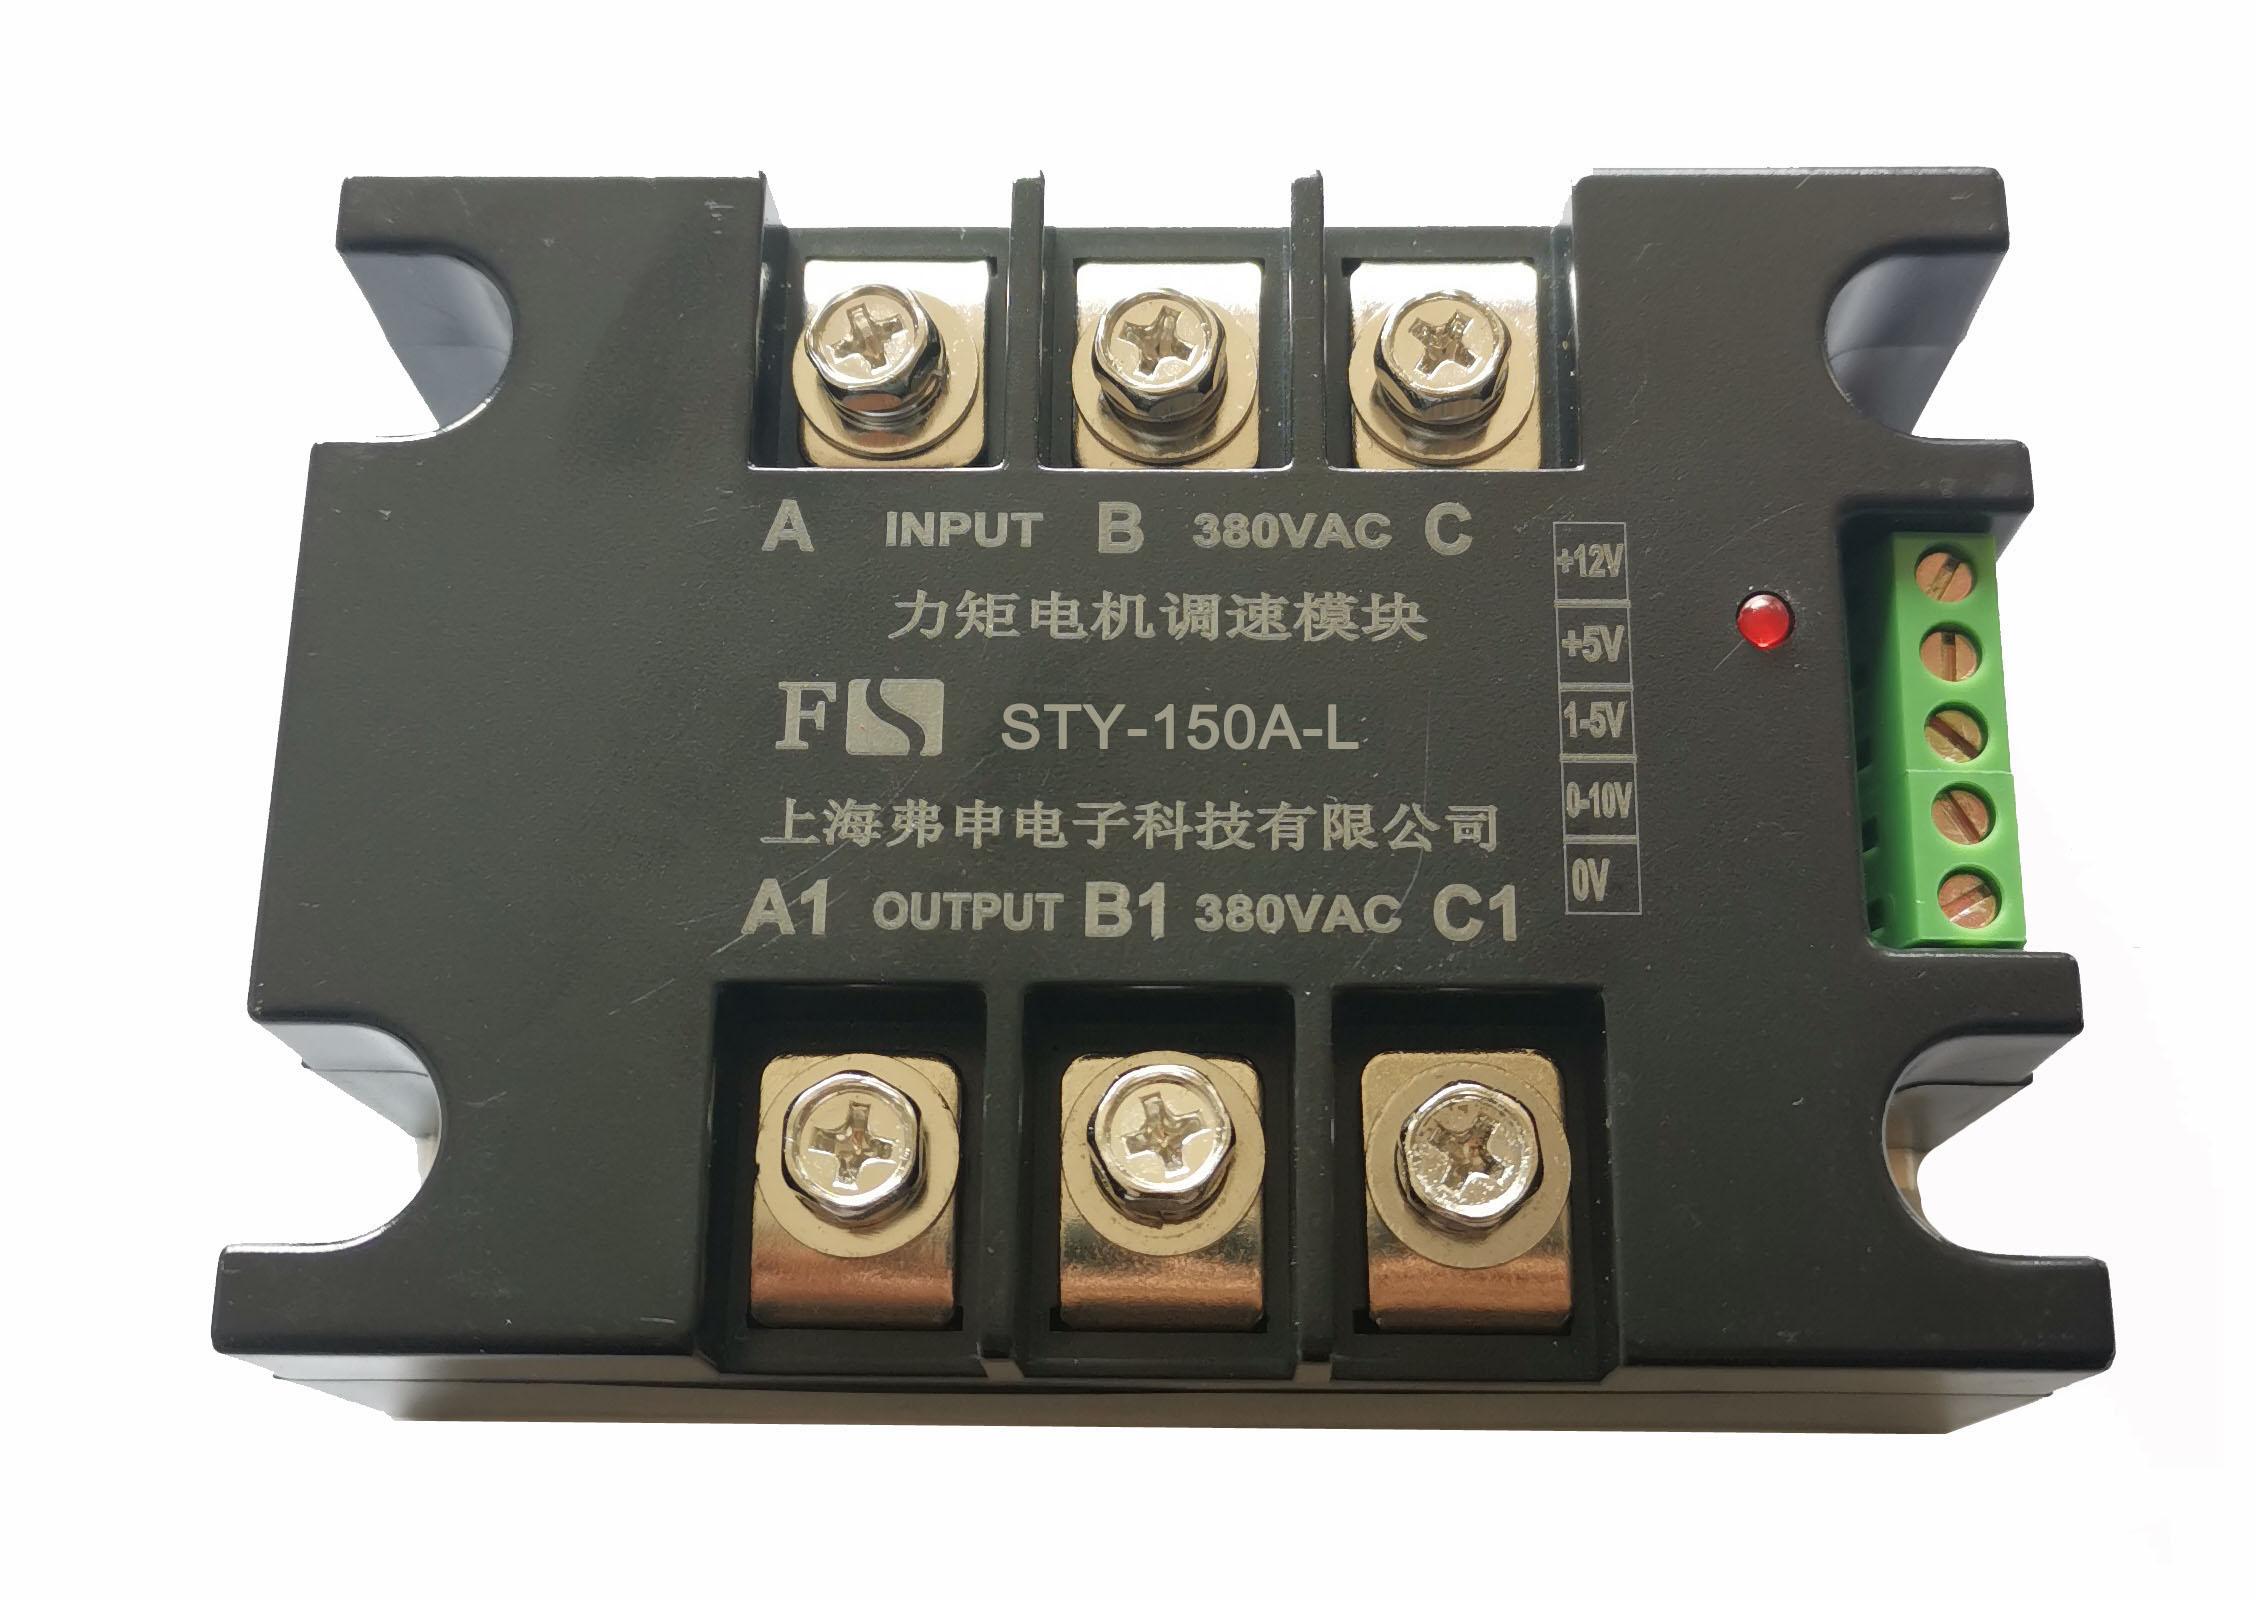 STY-150A-L